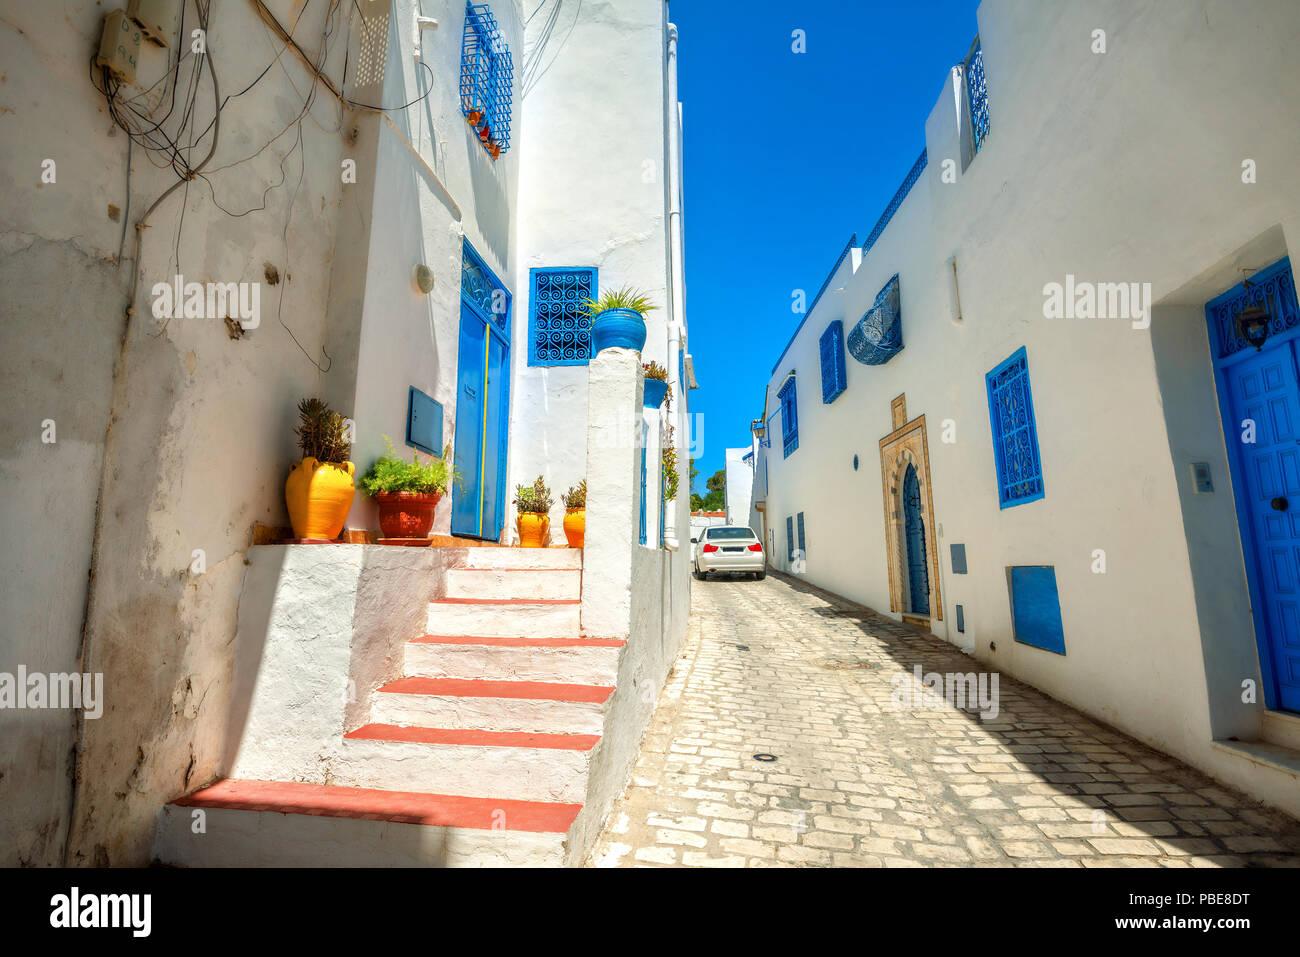 Strada stretta in bianco blu città di Sidi Bou Said. La Tunisia, Nord Africa Foto Stock